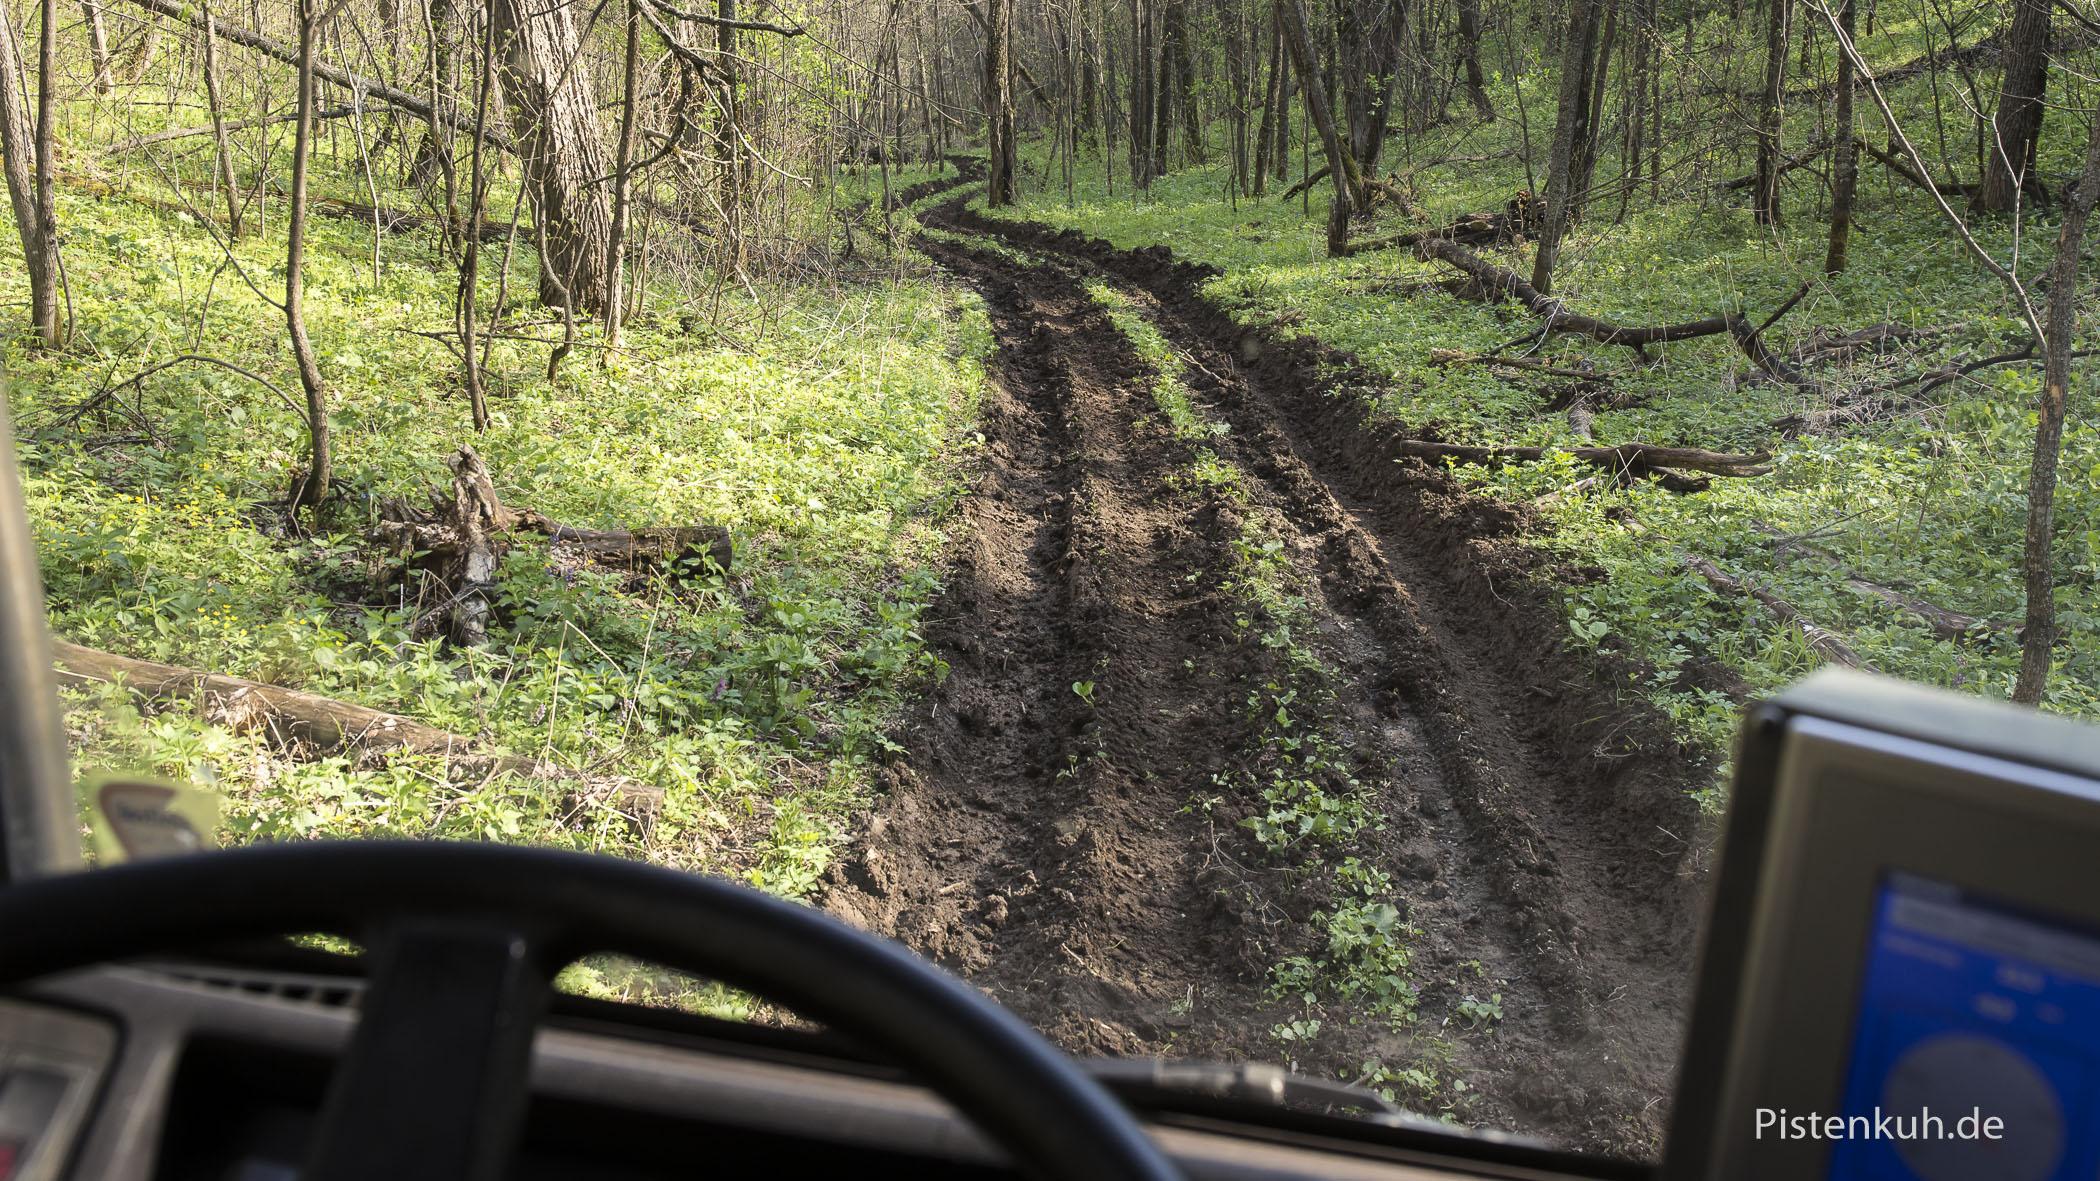 rutschiger Waldweg mit extremen Gefälle.